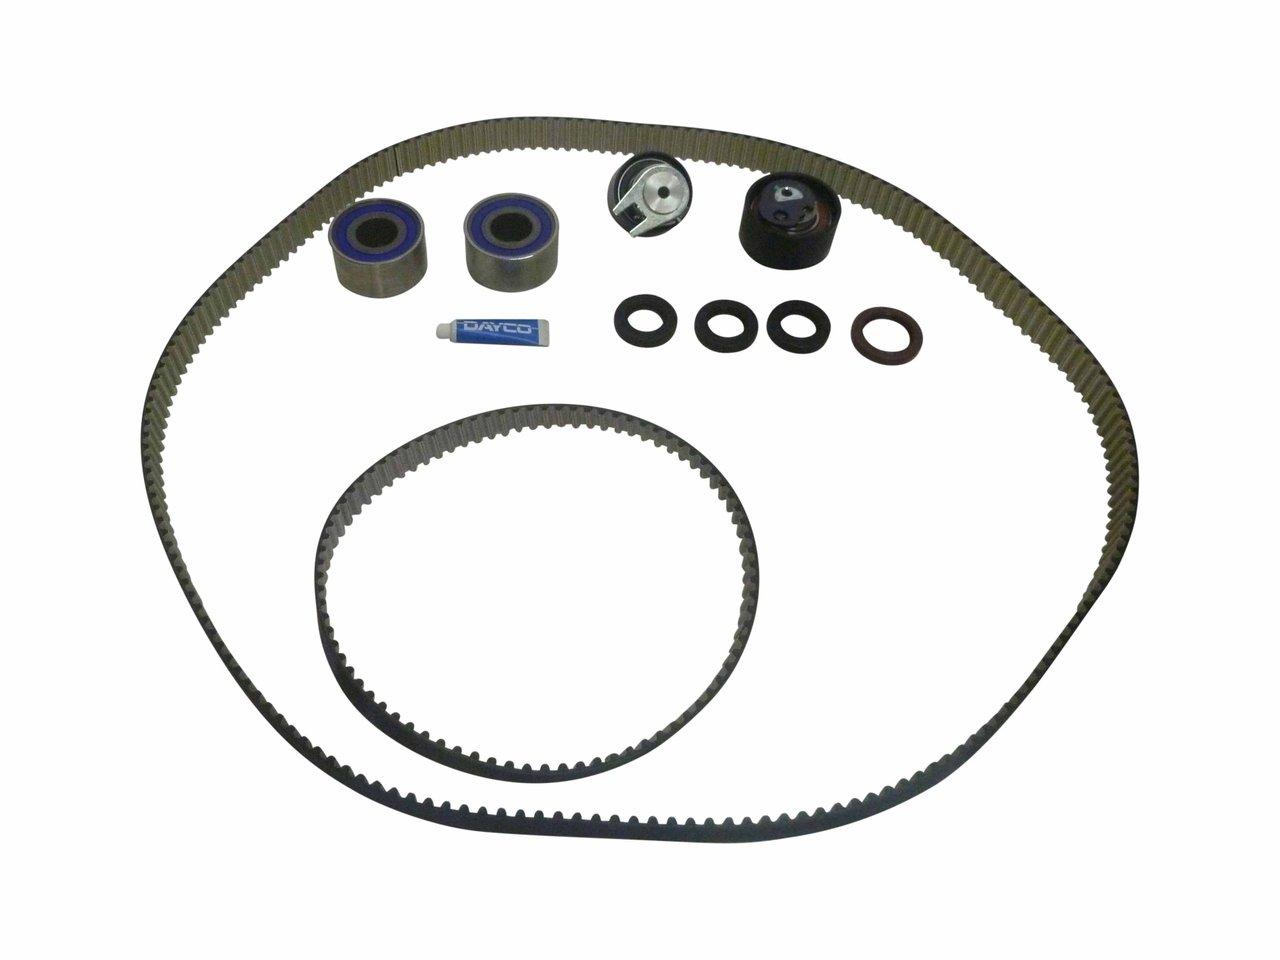 Timing Belt Kit For Discovery 3 Amp 4 Range Rover Sport Tdv6